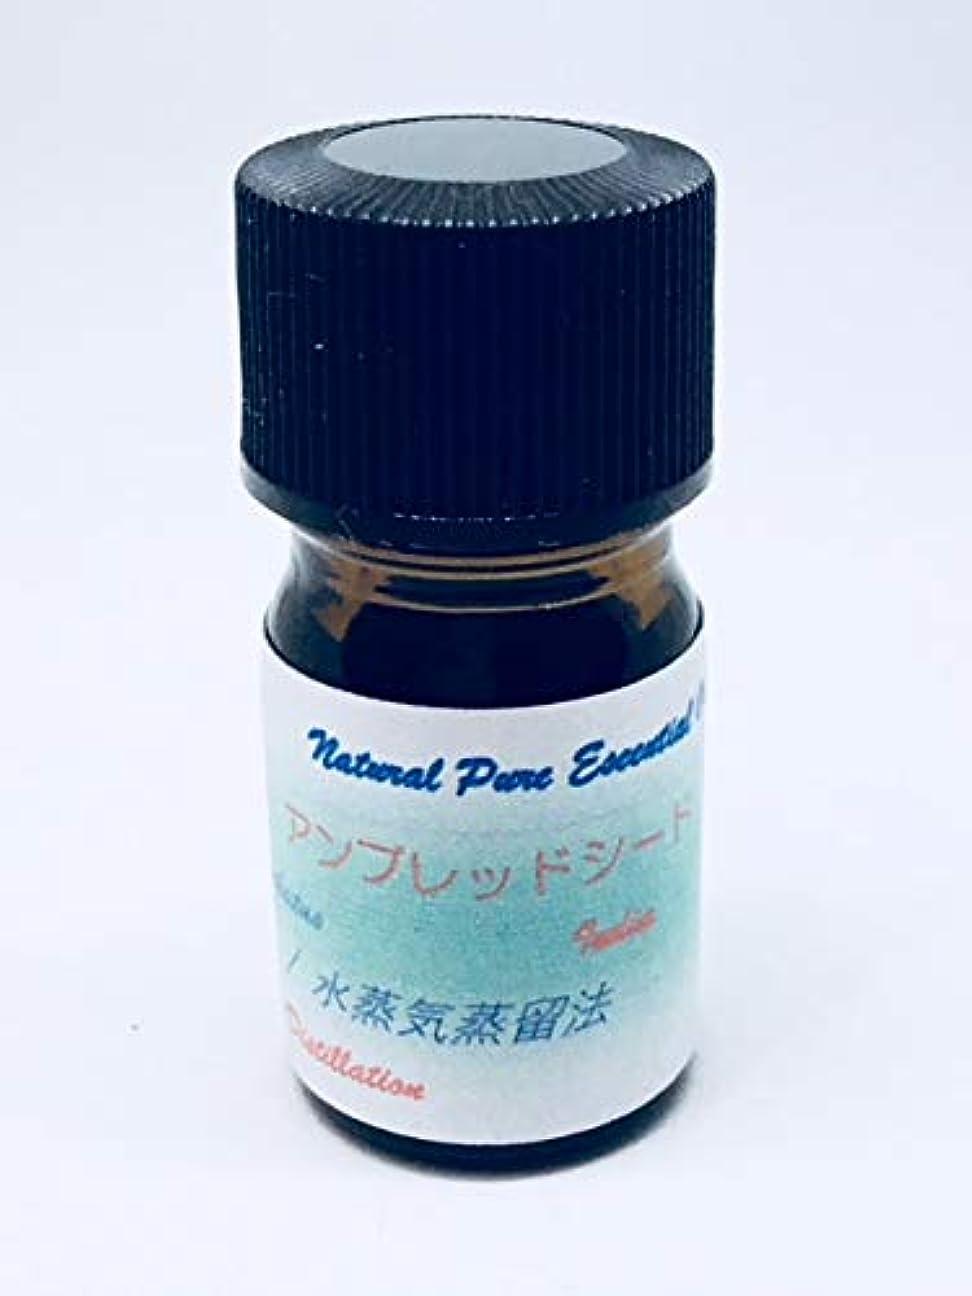 散るドキュメンタリー厚くするアンブレッドシード(植物性ムスク)精油 10ml100%ピュアエッセンシャル